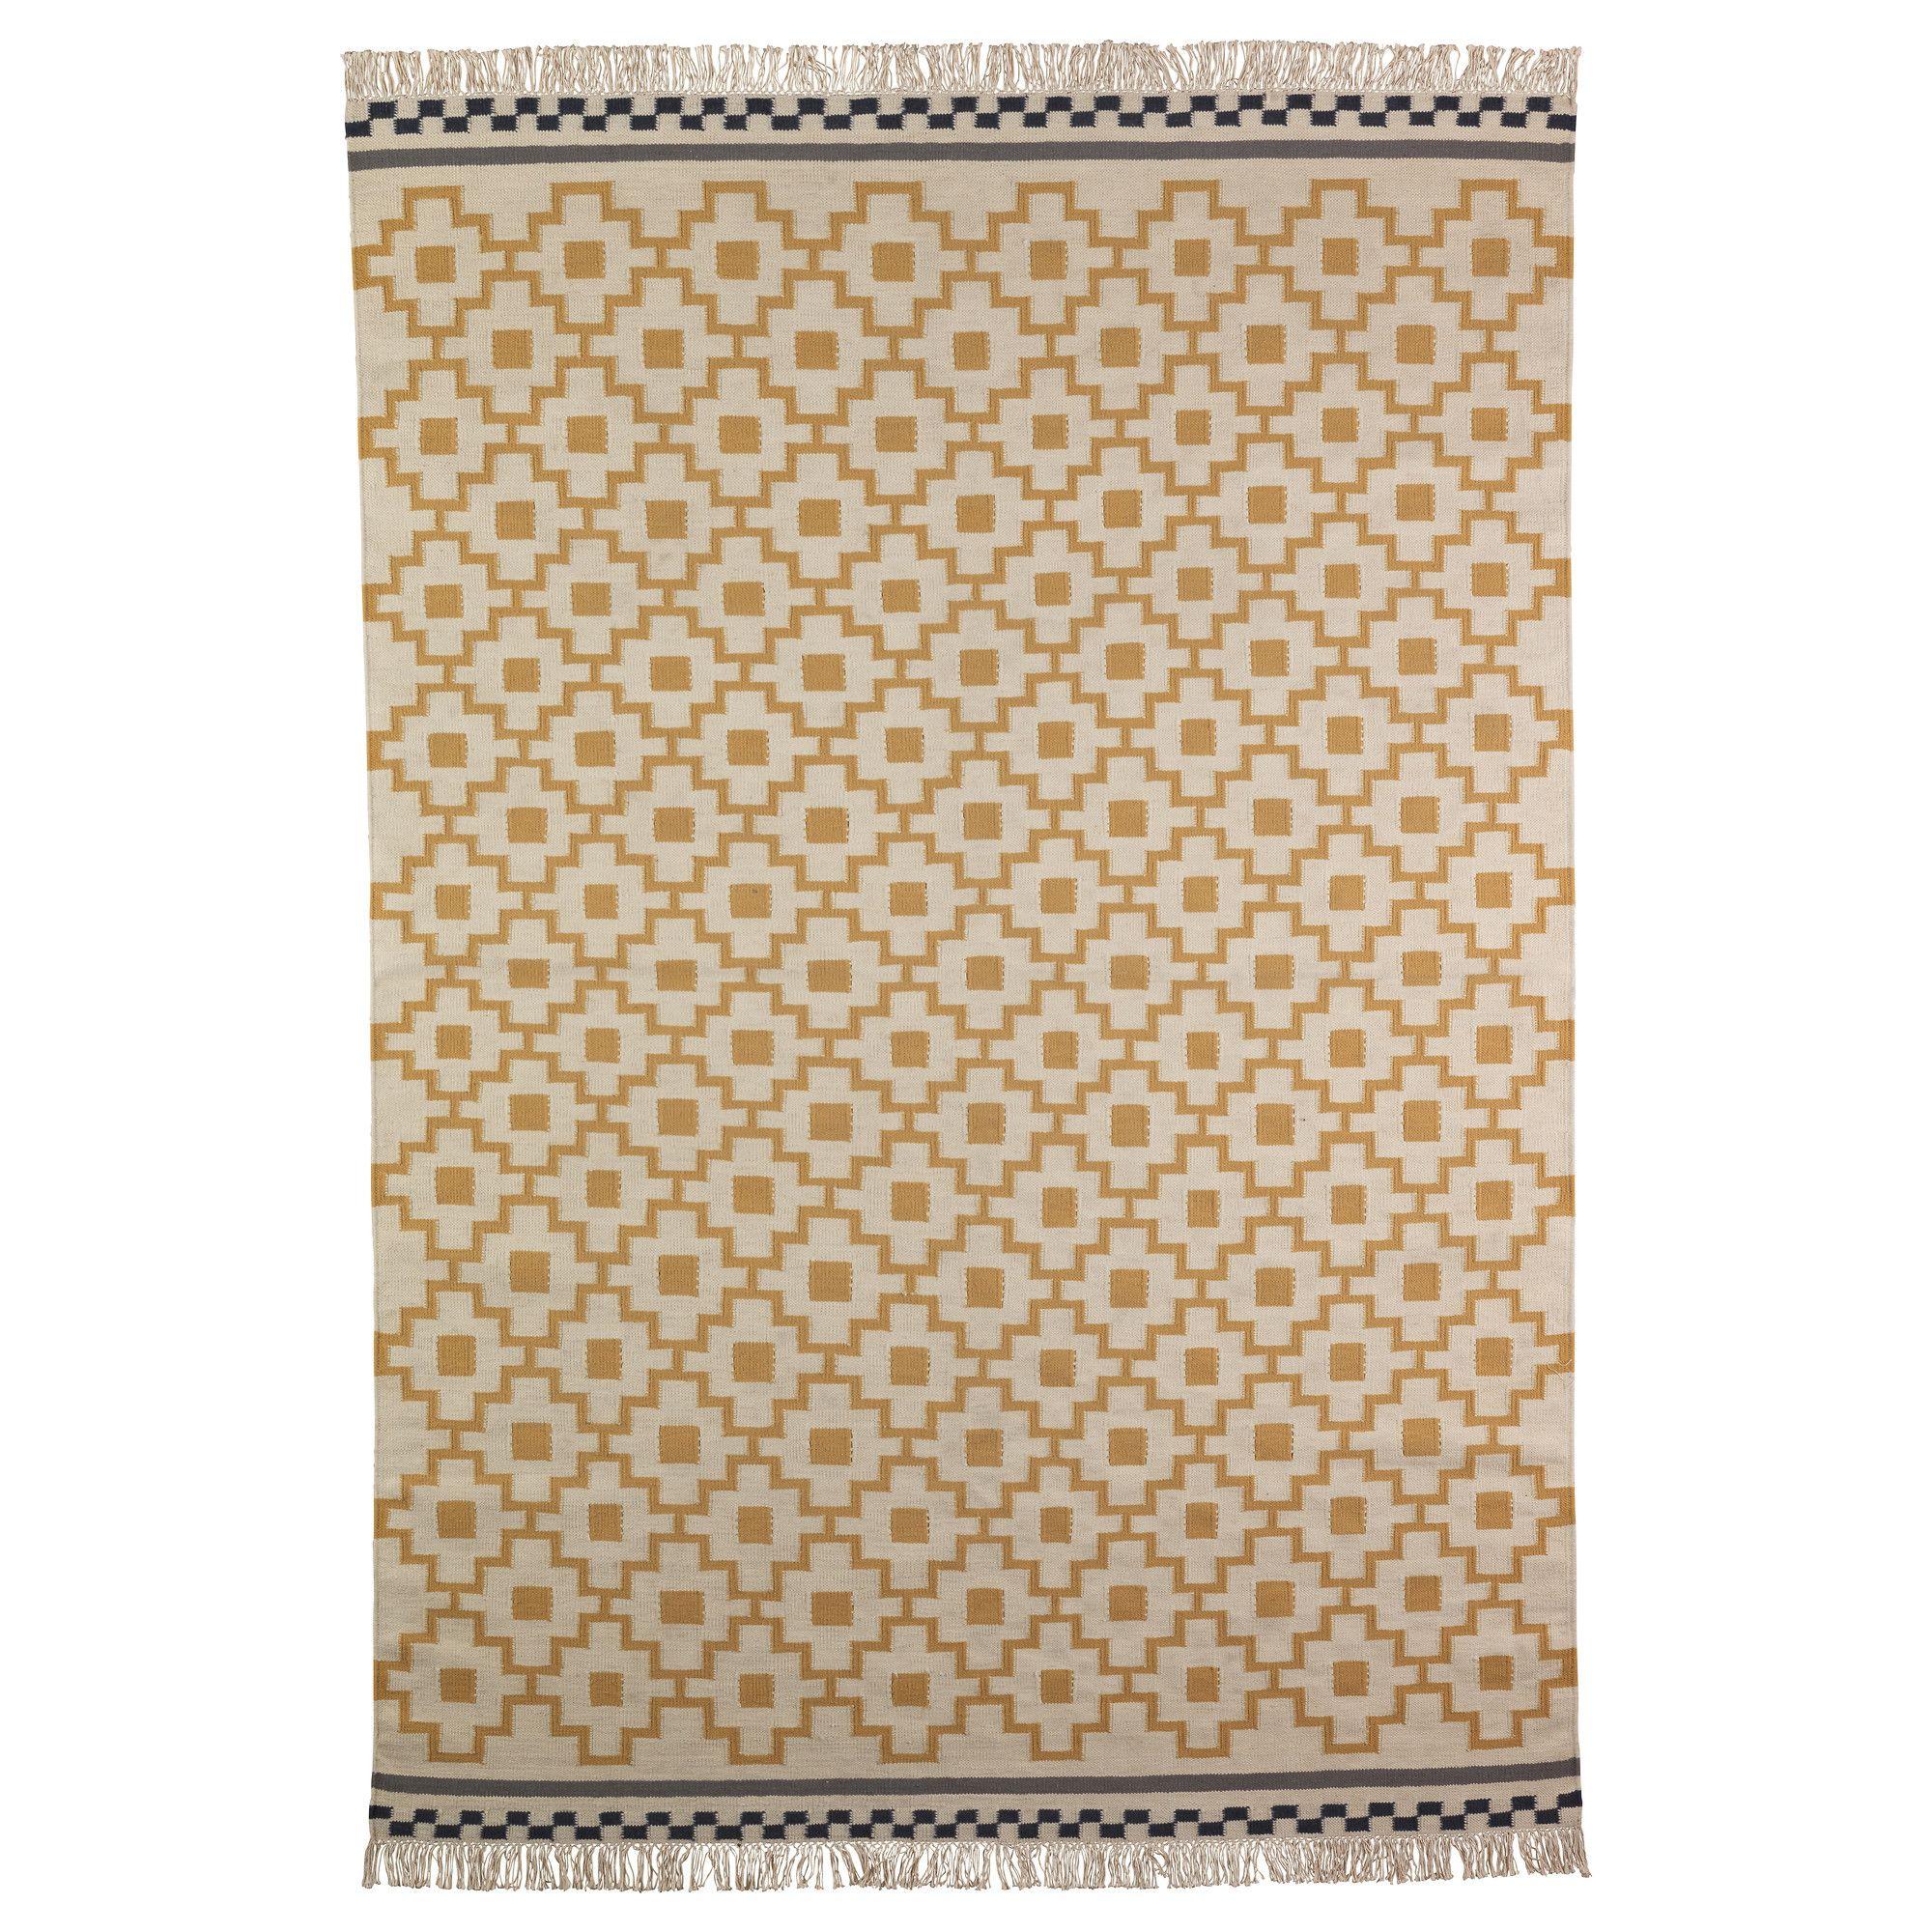 ikea alvine ruta teppich flach gewebt handgewebt von talentierten kunsthandwerkern jedes. Black Bedroom Furniture Sets. Home Design Ideas